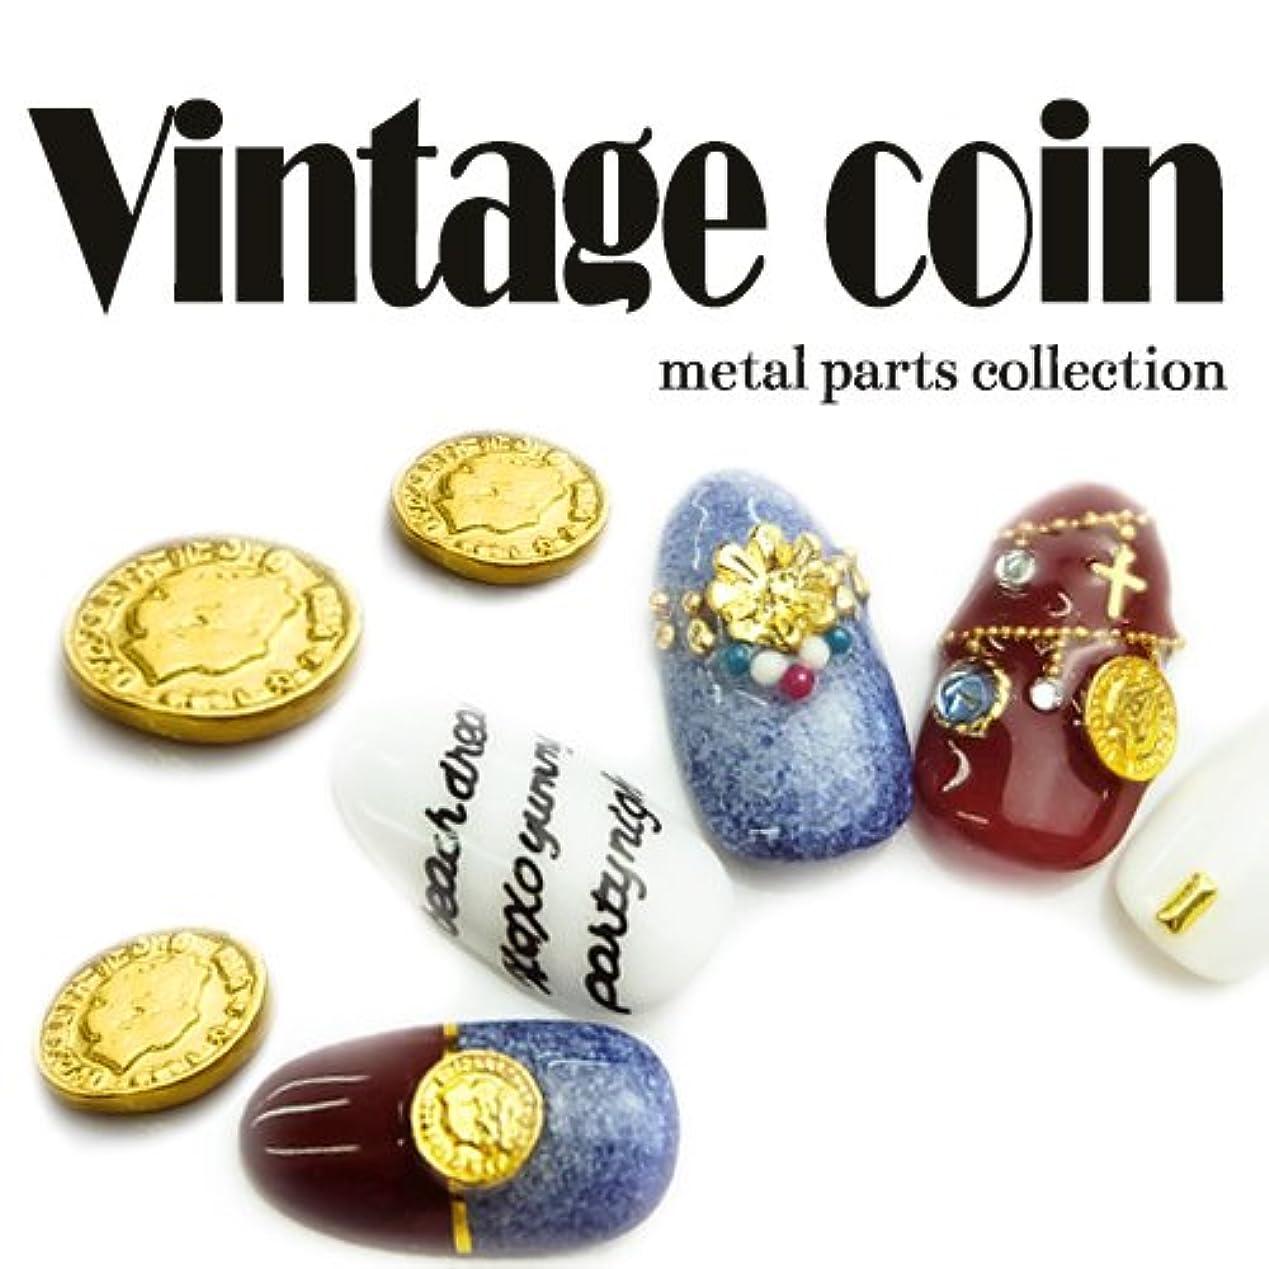 航海本物提供する(ゴールド) 5個入 ヴィンテージコインメタルパーツ